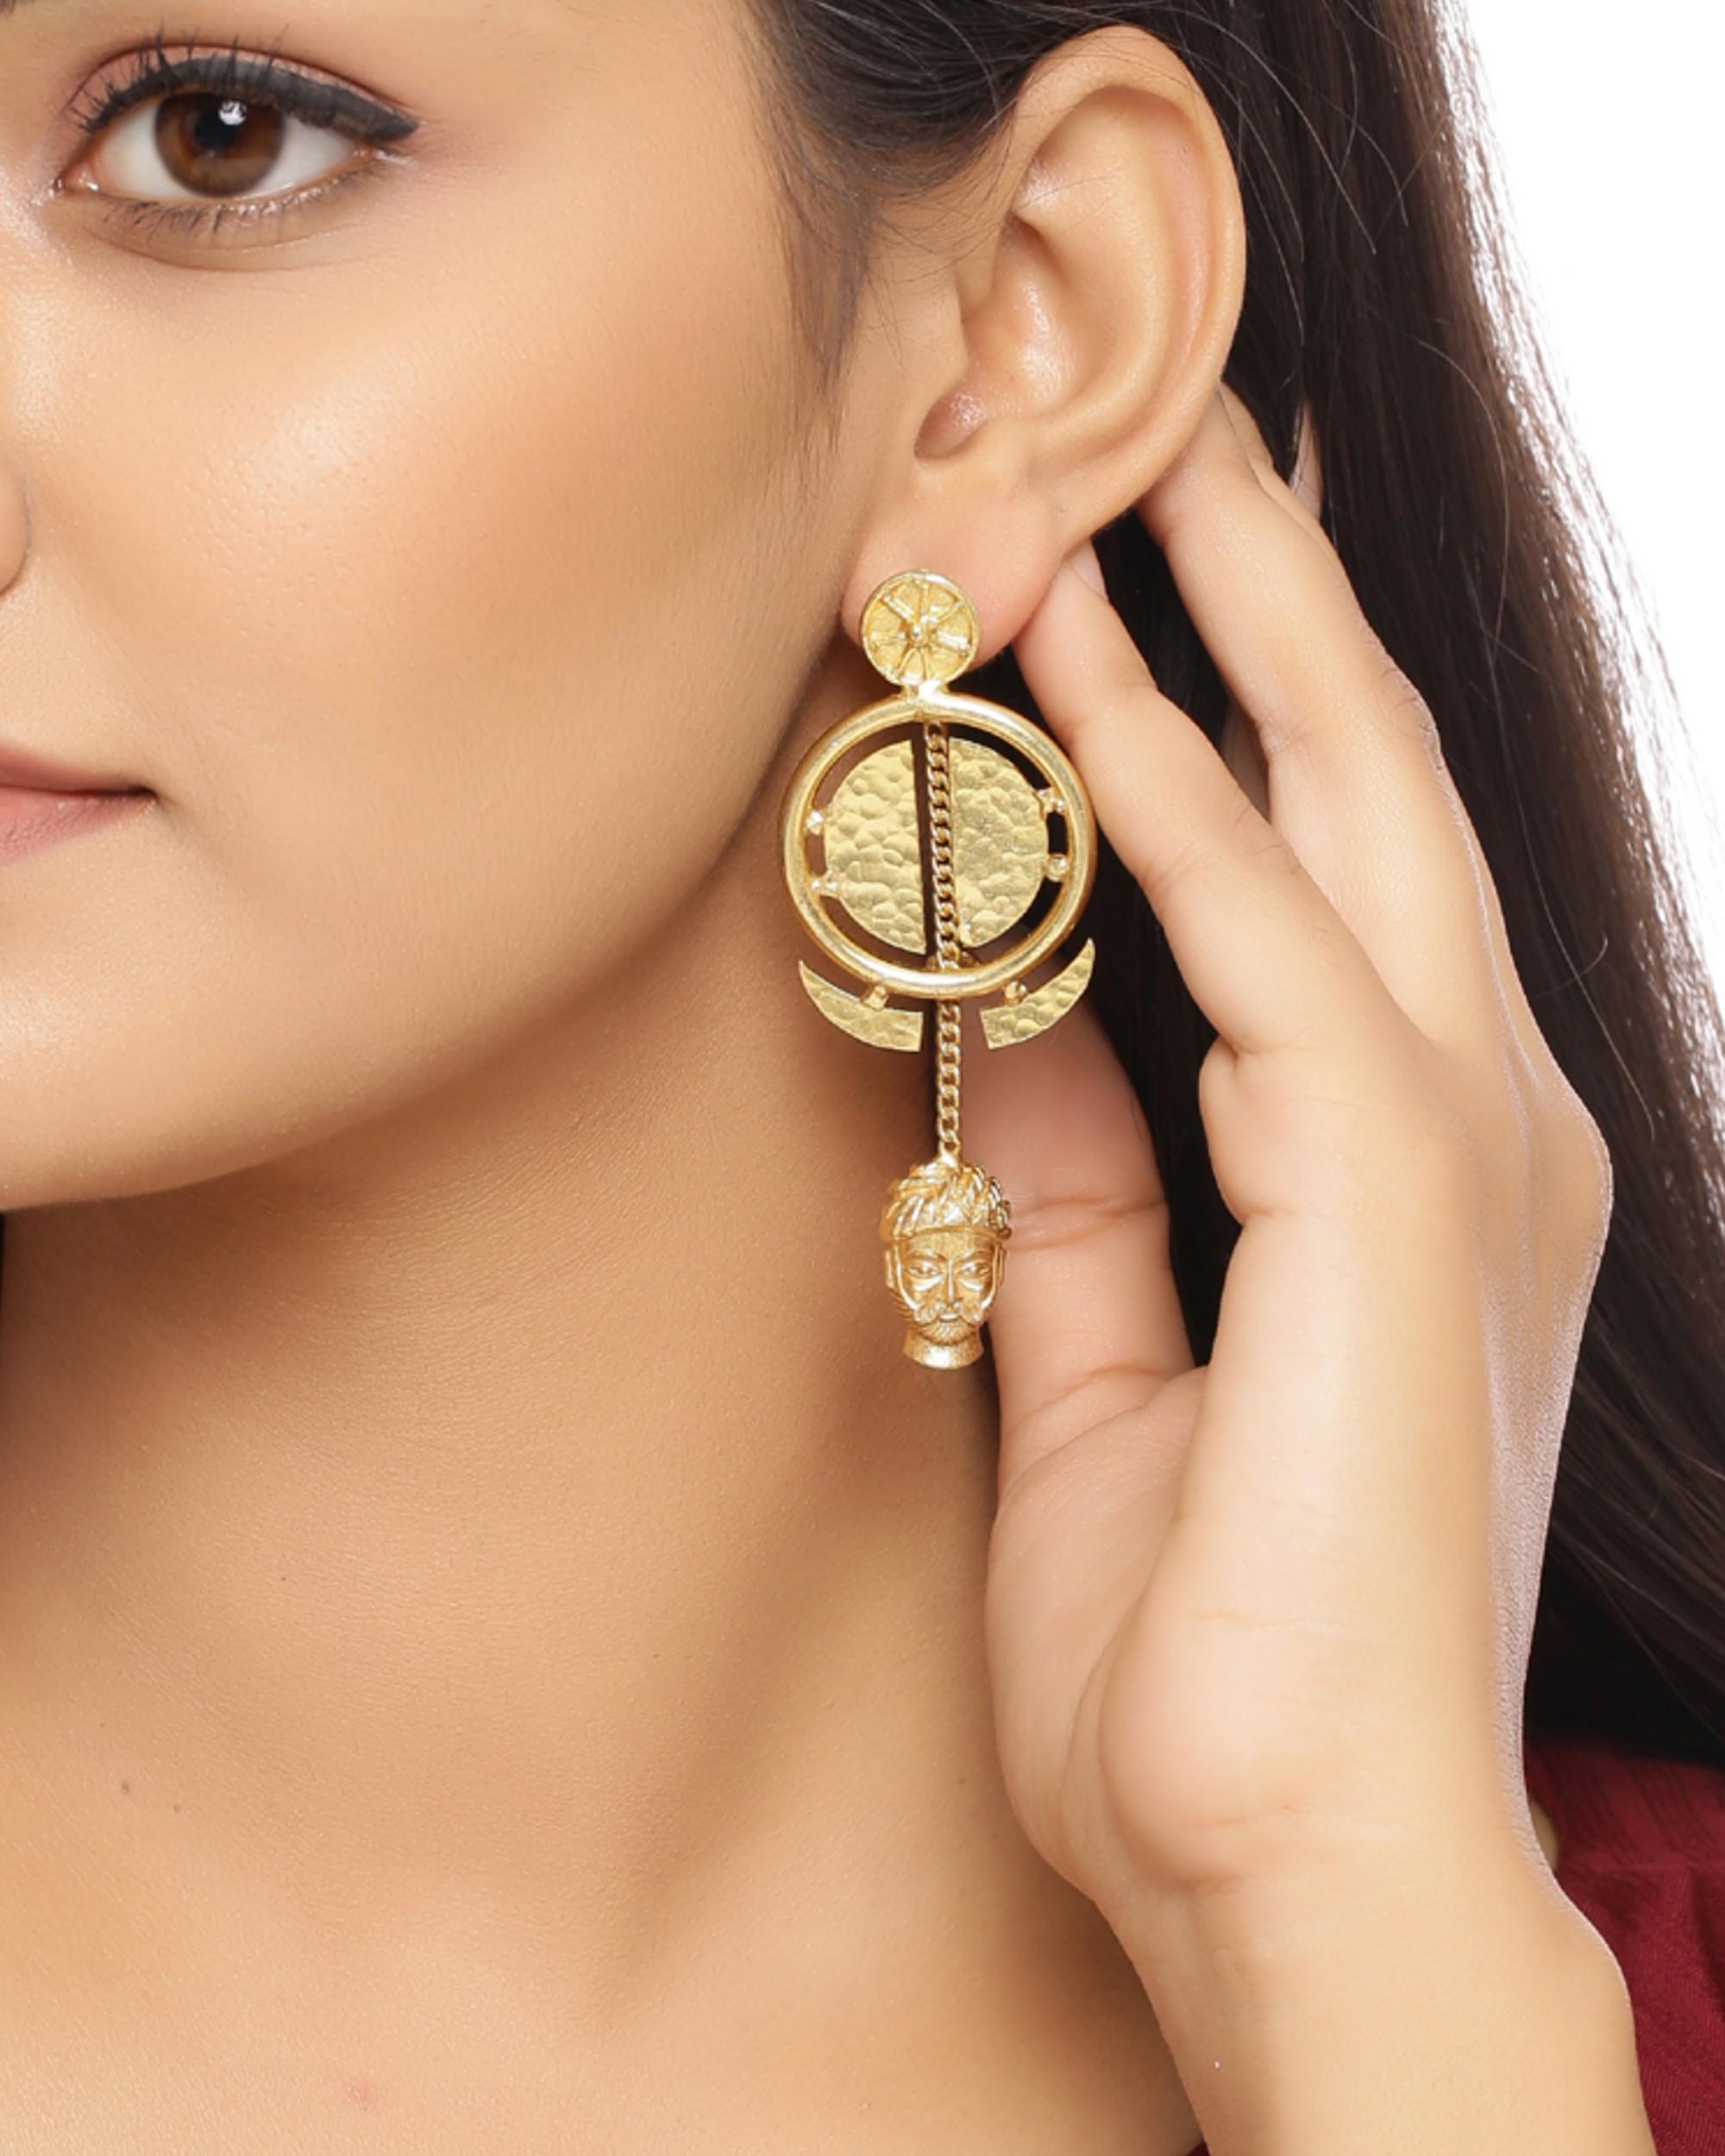 Golden bana charm earrings